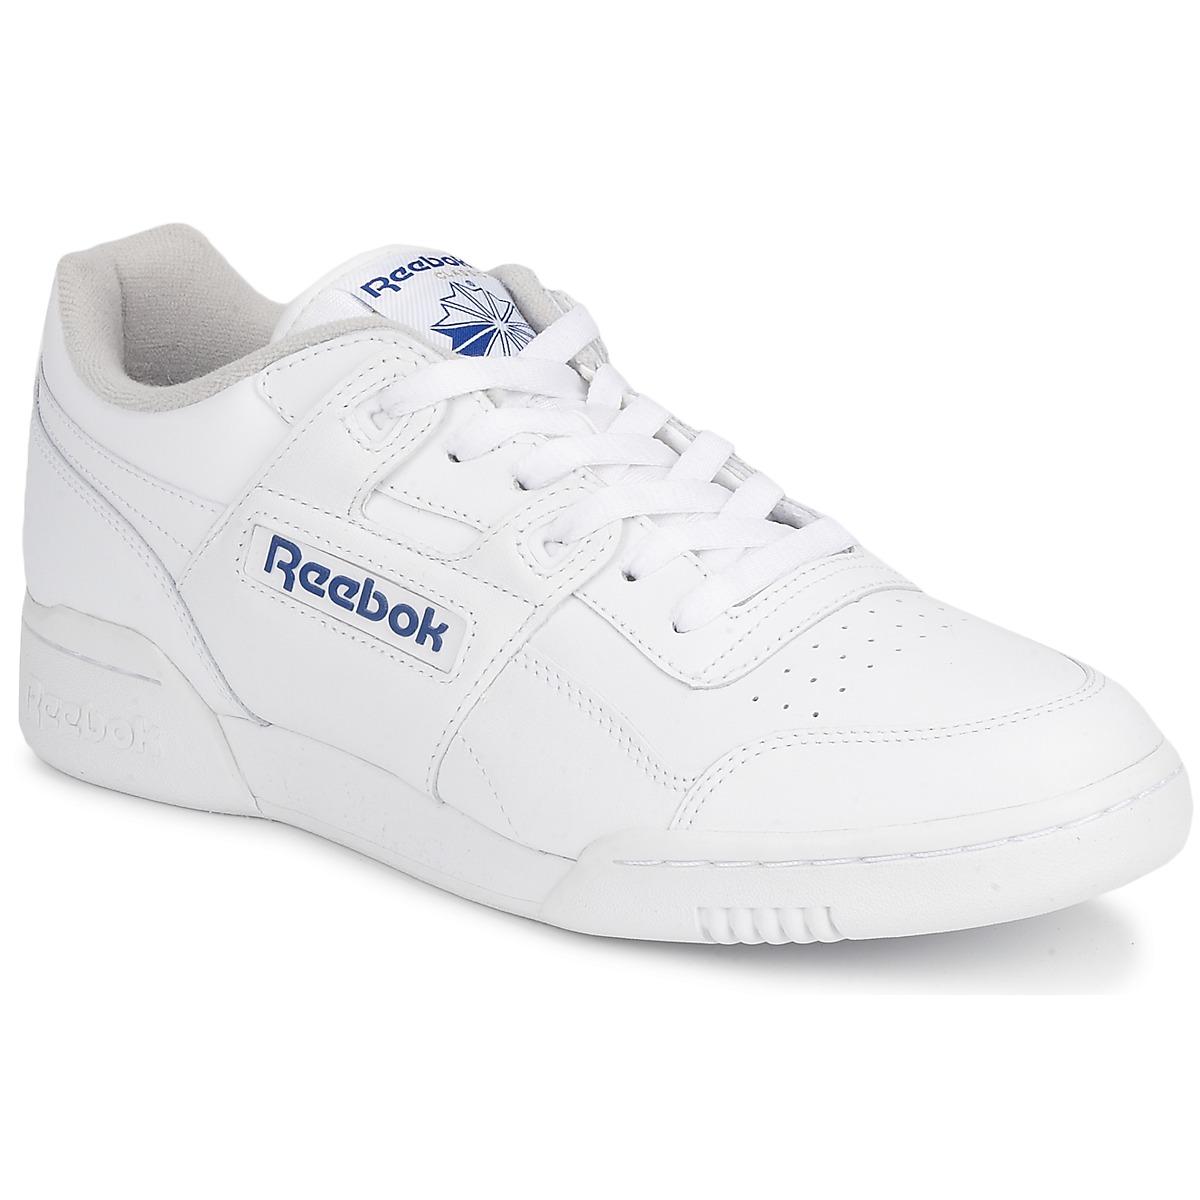 Reebok Classic WORKOUT PLUS Weiss - Kostenloser Versand bei Spartoode ! - Schuhe Sneaker Low  72,00 €